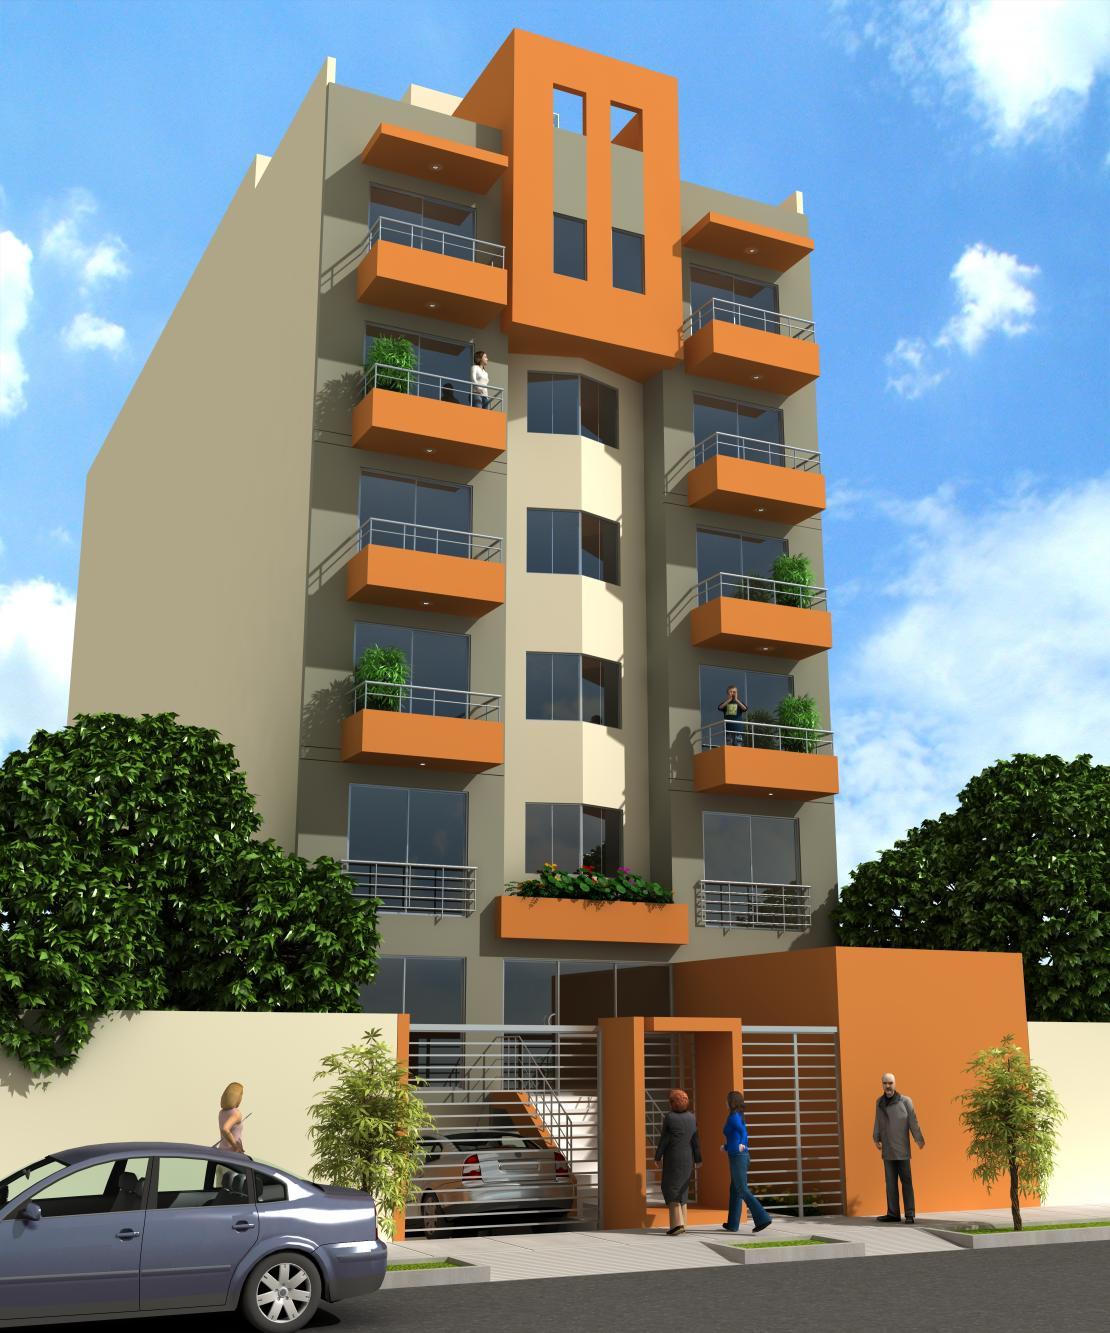 Departamento en miraflores inmobiliaria for Fachadas de departamentos modernos